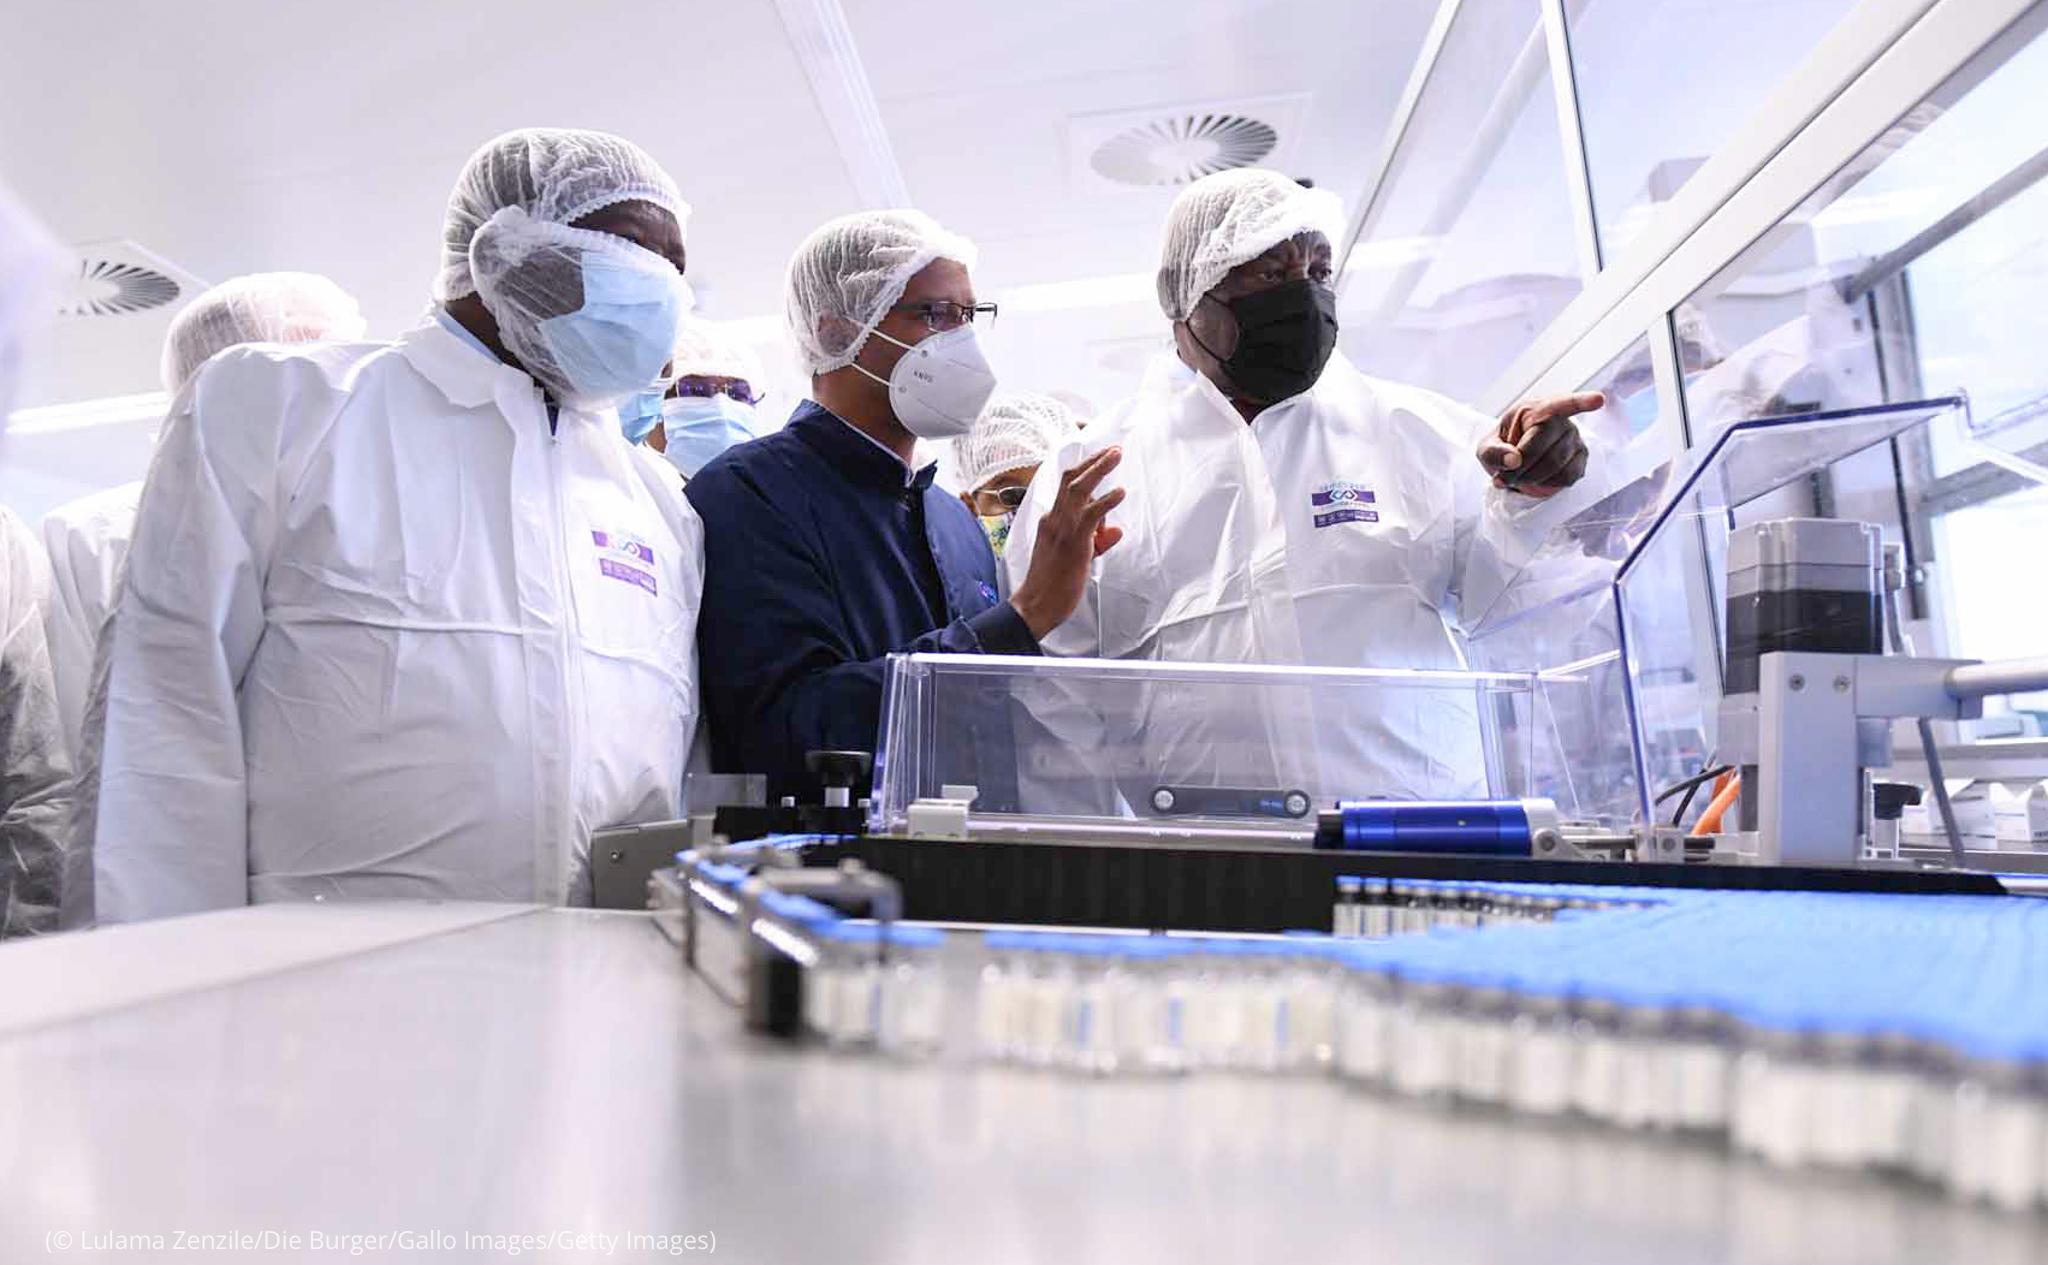 رجال يرتدون سترات واقية ينظرون إلى آلة وقوارير أدوية (© Lulama Zenzile/Die Burger/Gallo Images/Getty Images)